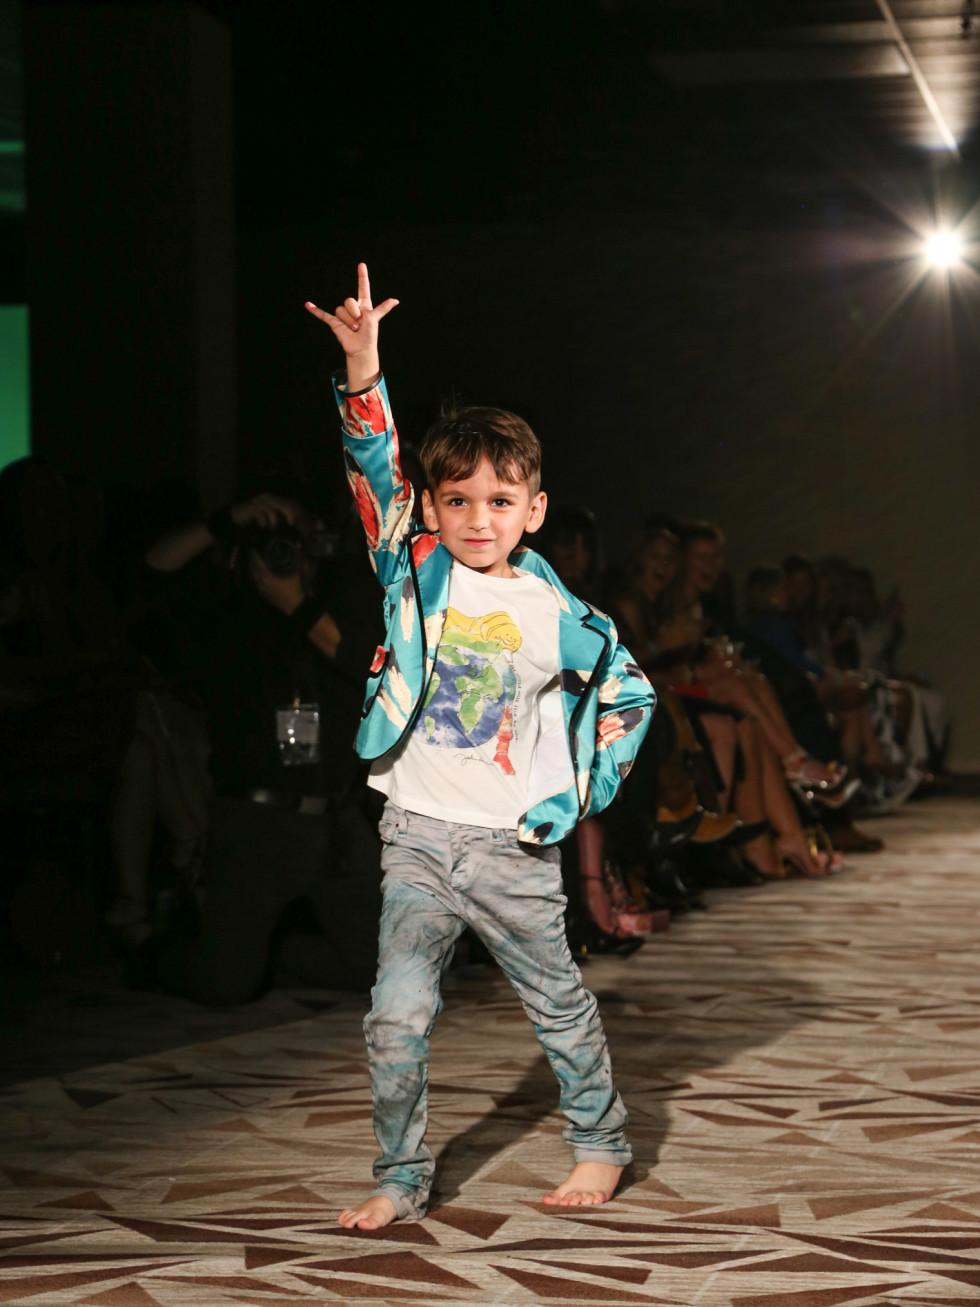 Austin Fashion Week 2016 at JW Marriott La Miniatura Jeffrey Sebelia